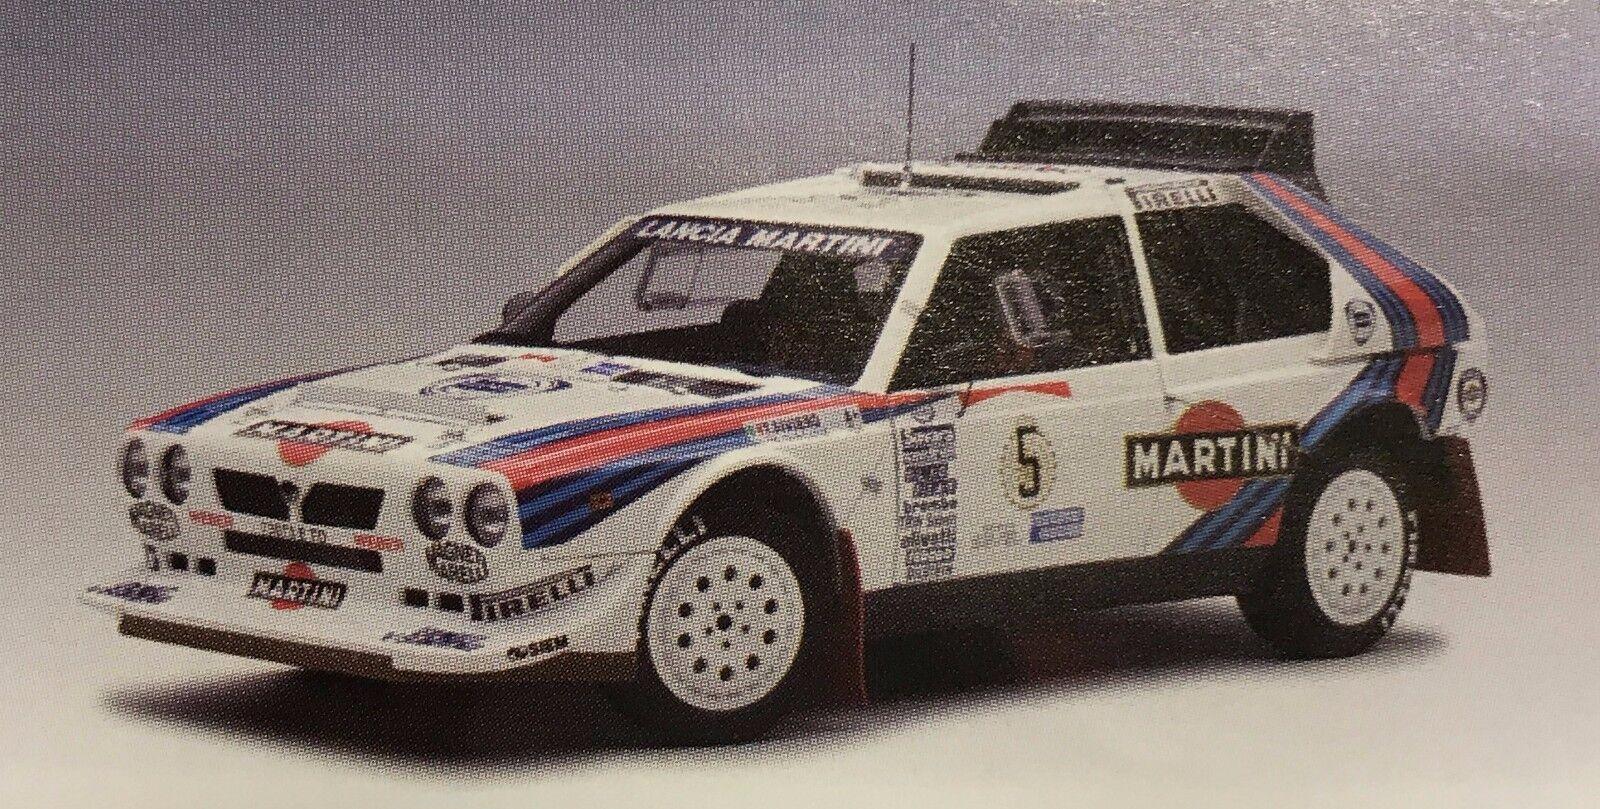 Le rythme cardiaque est pire que l'action! Lancia delta s4 Rally Winner Argentinia 1986 #5 1:18 AUTOart | économique Et Pratique  | De La Mode